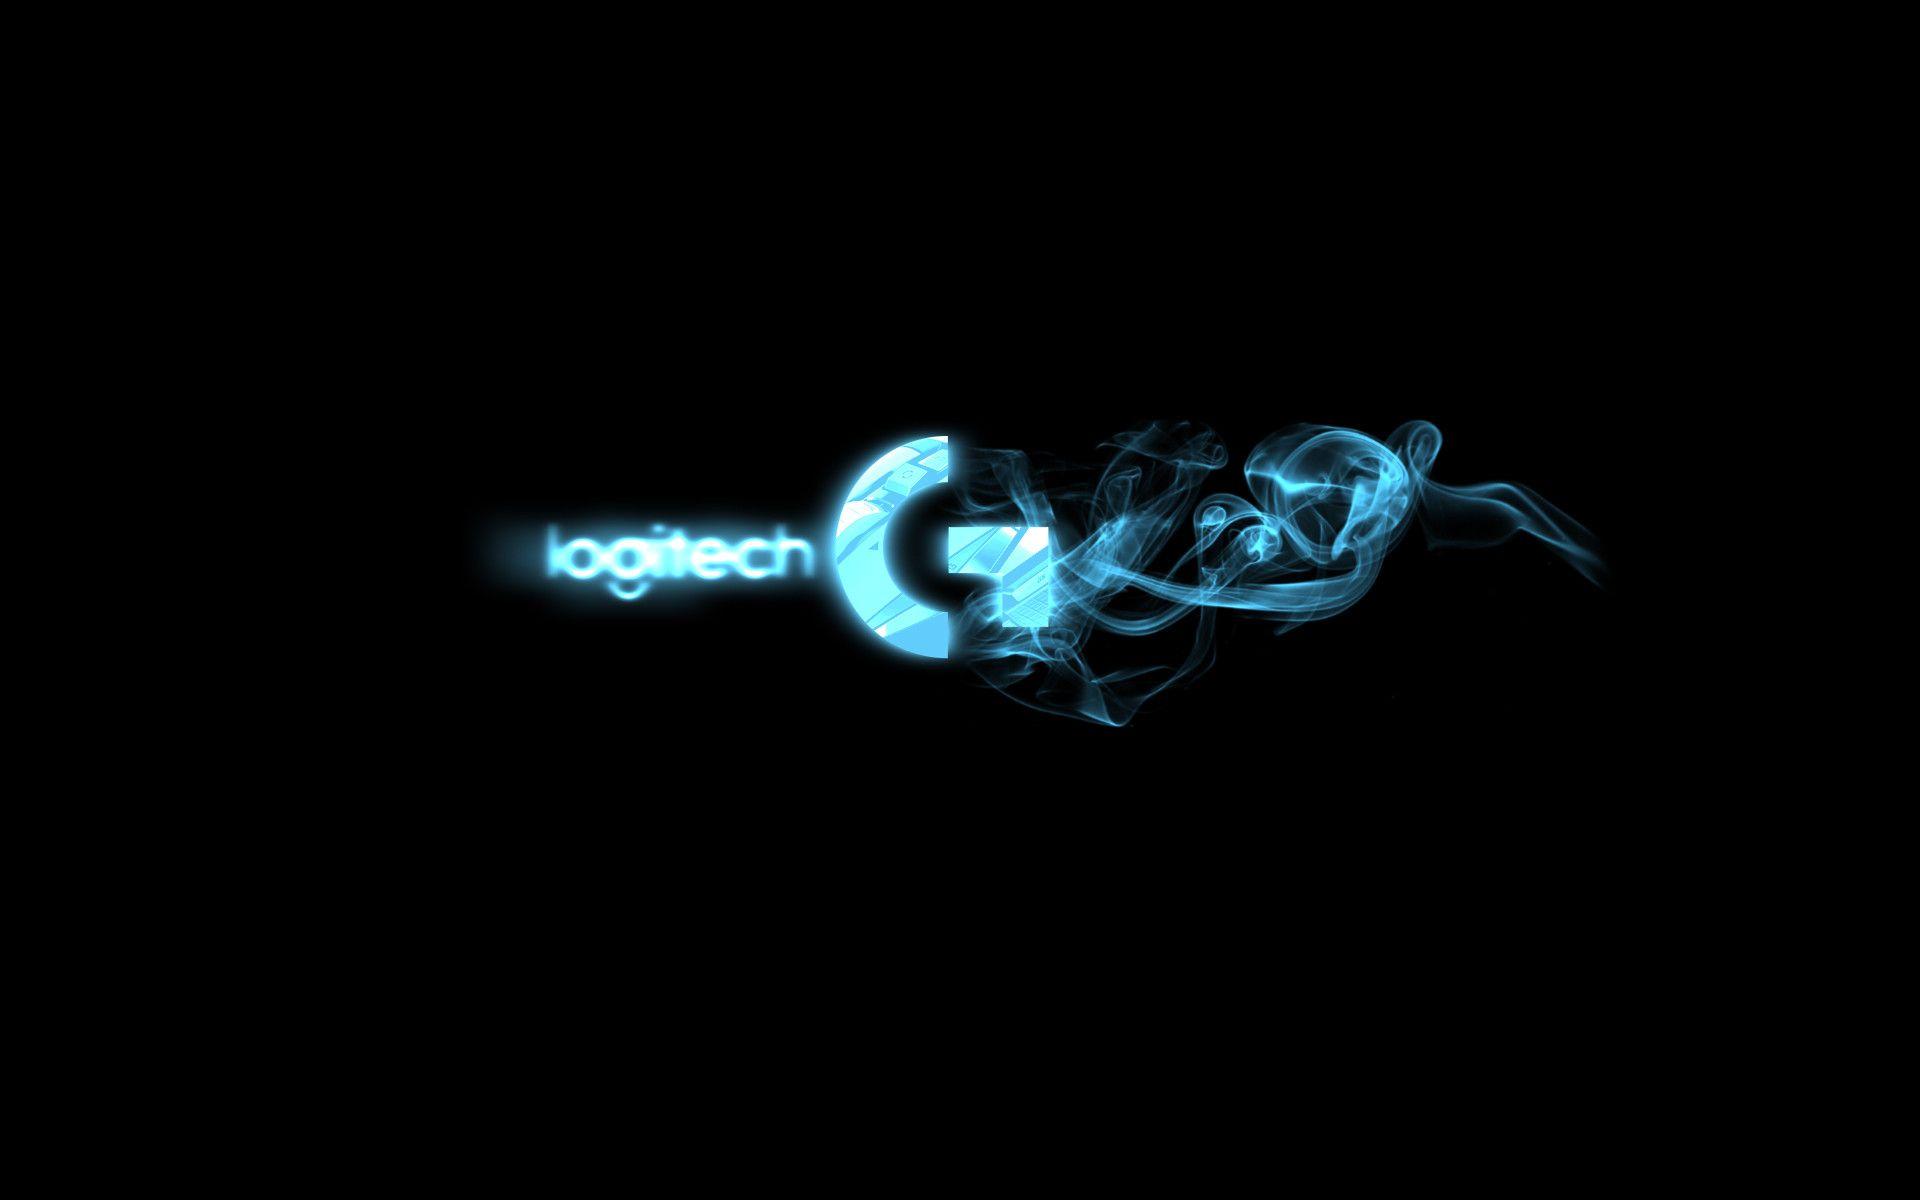 3840x2160 logitech